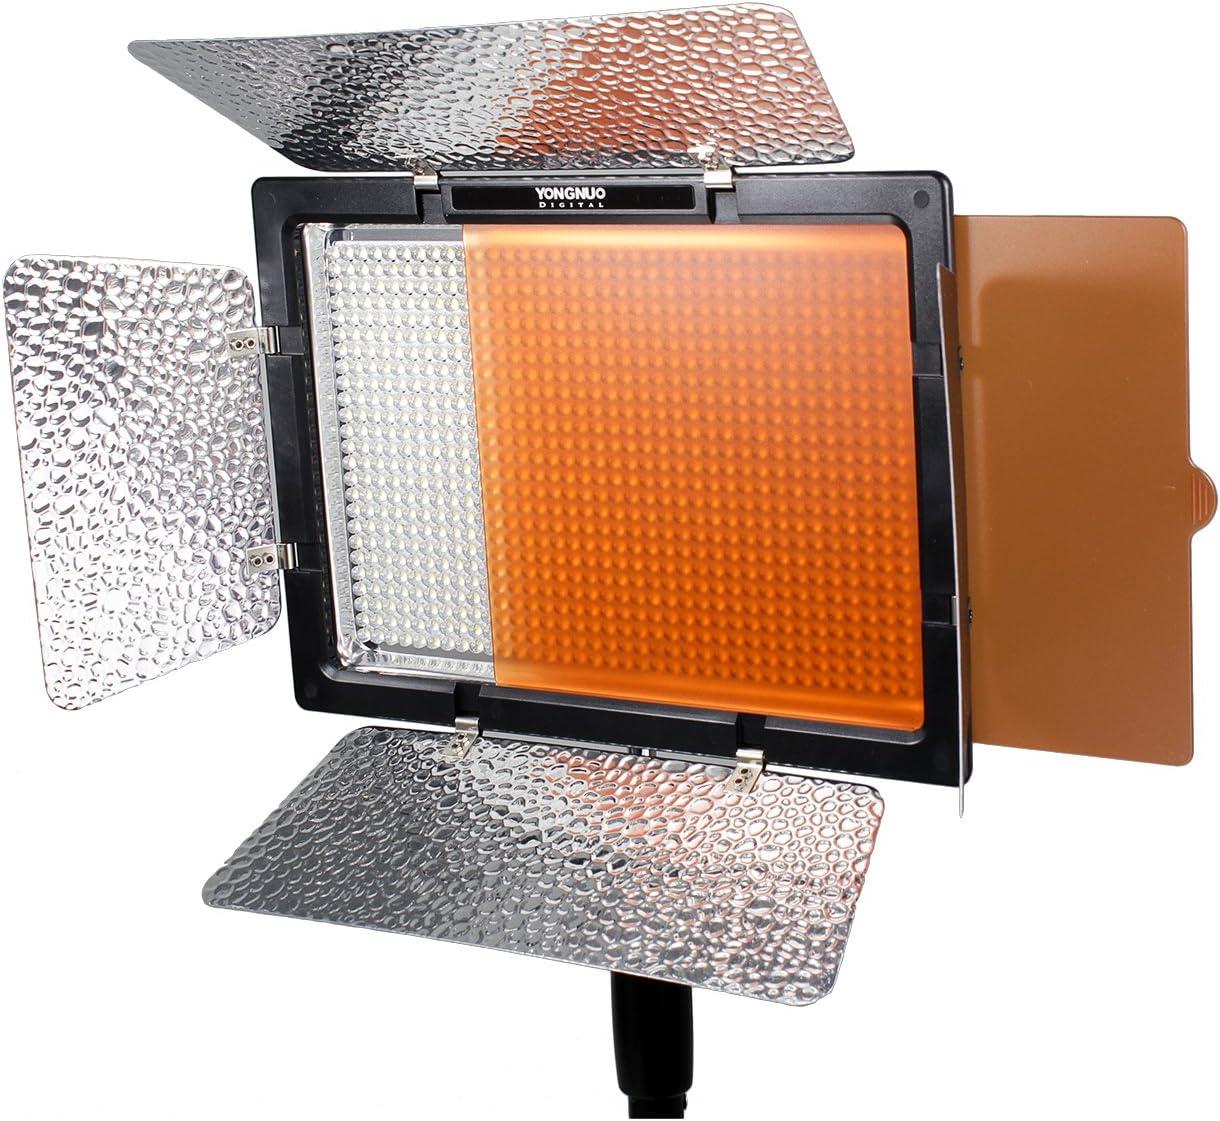 Yongnuo Yn900 Lampe Video Beleuchtung Pro Elektronik